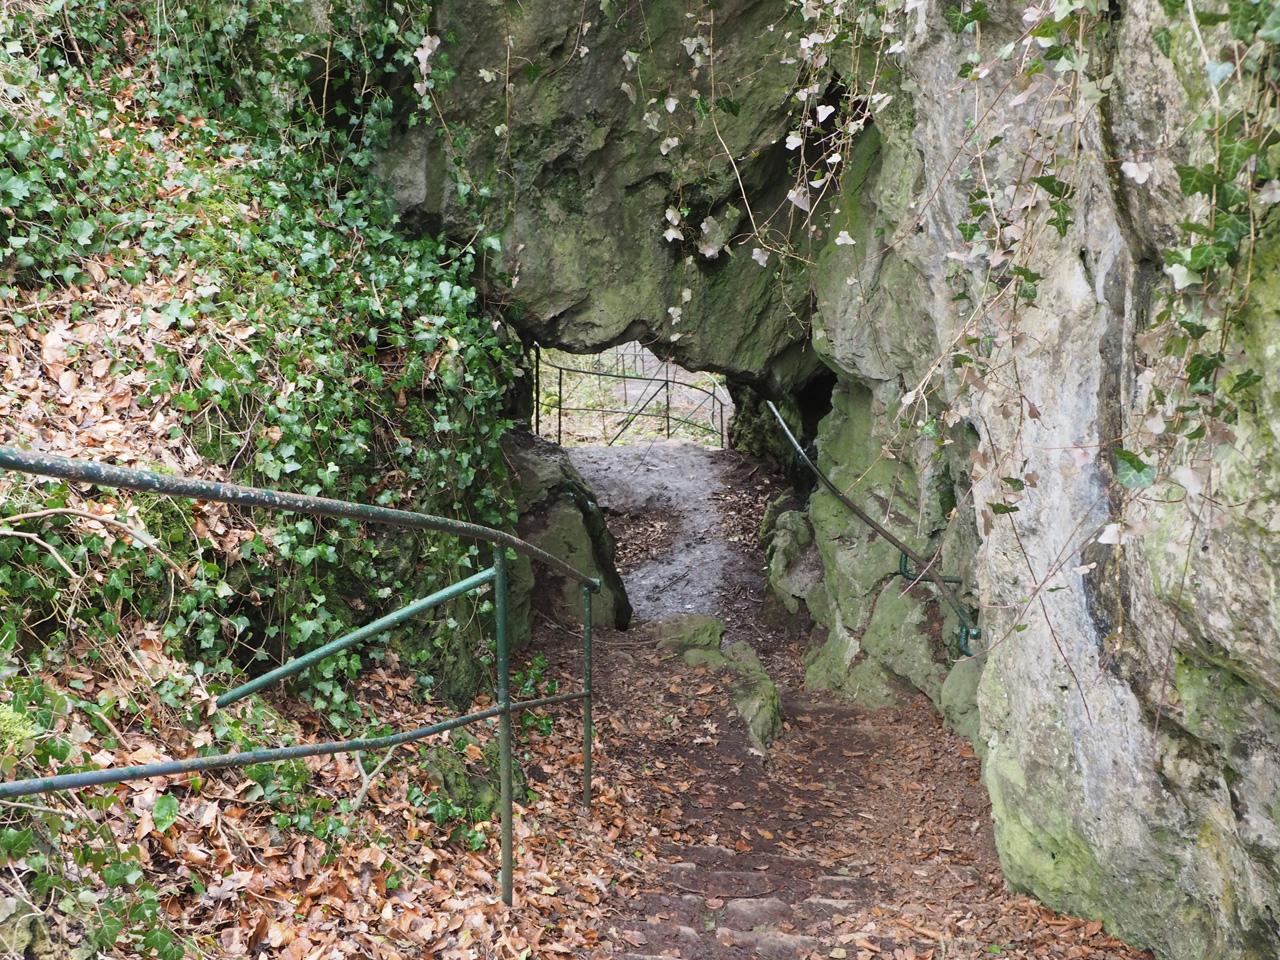 route achter de rotsformatie